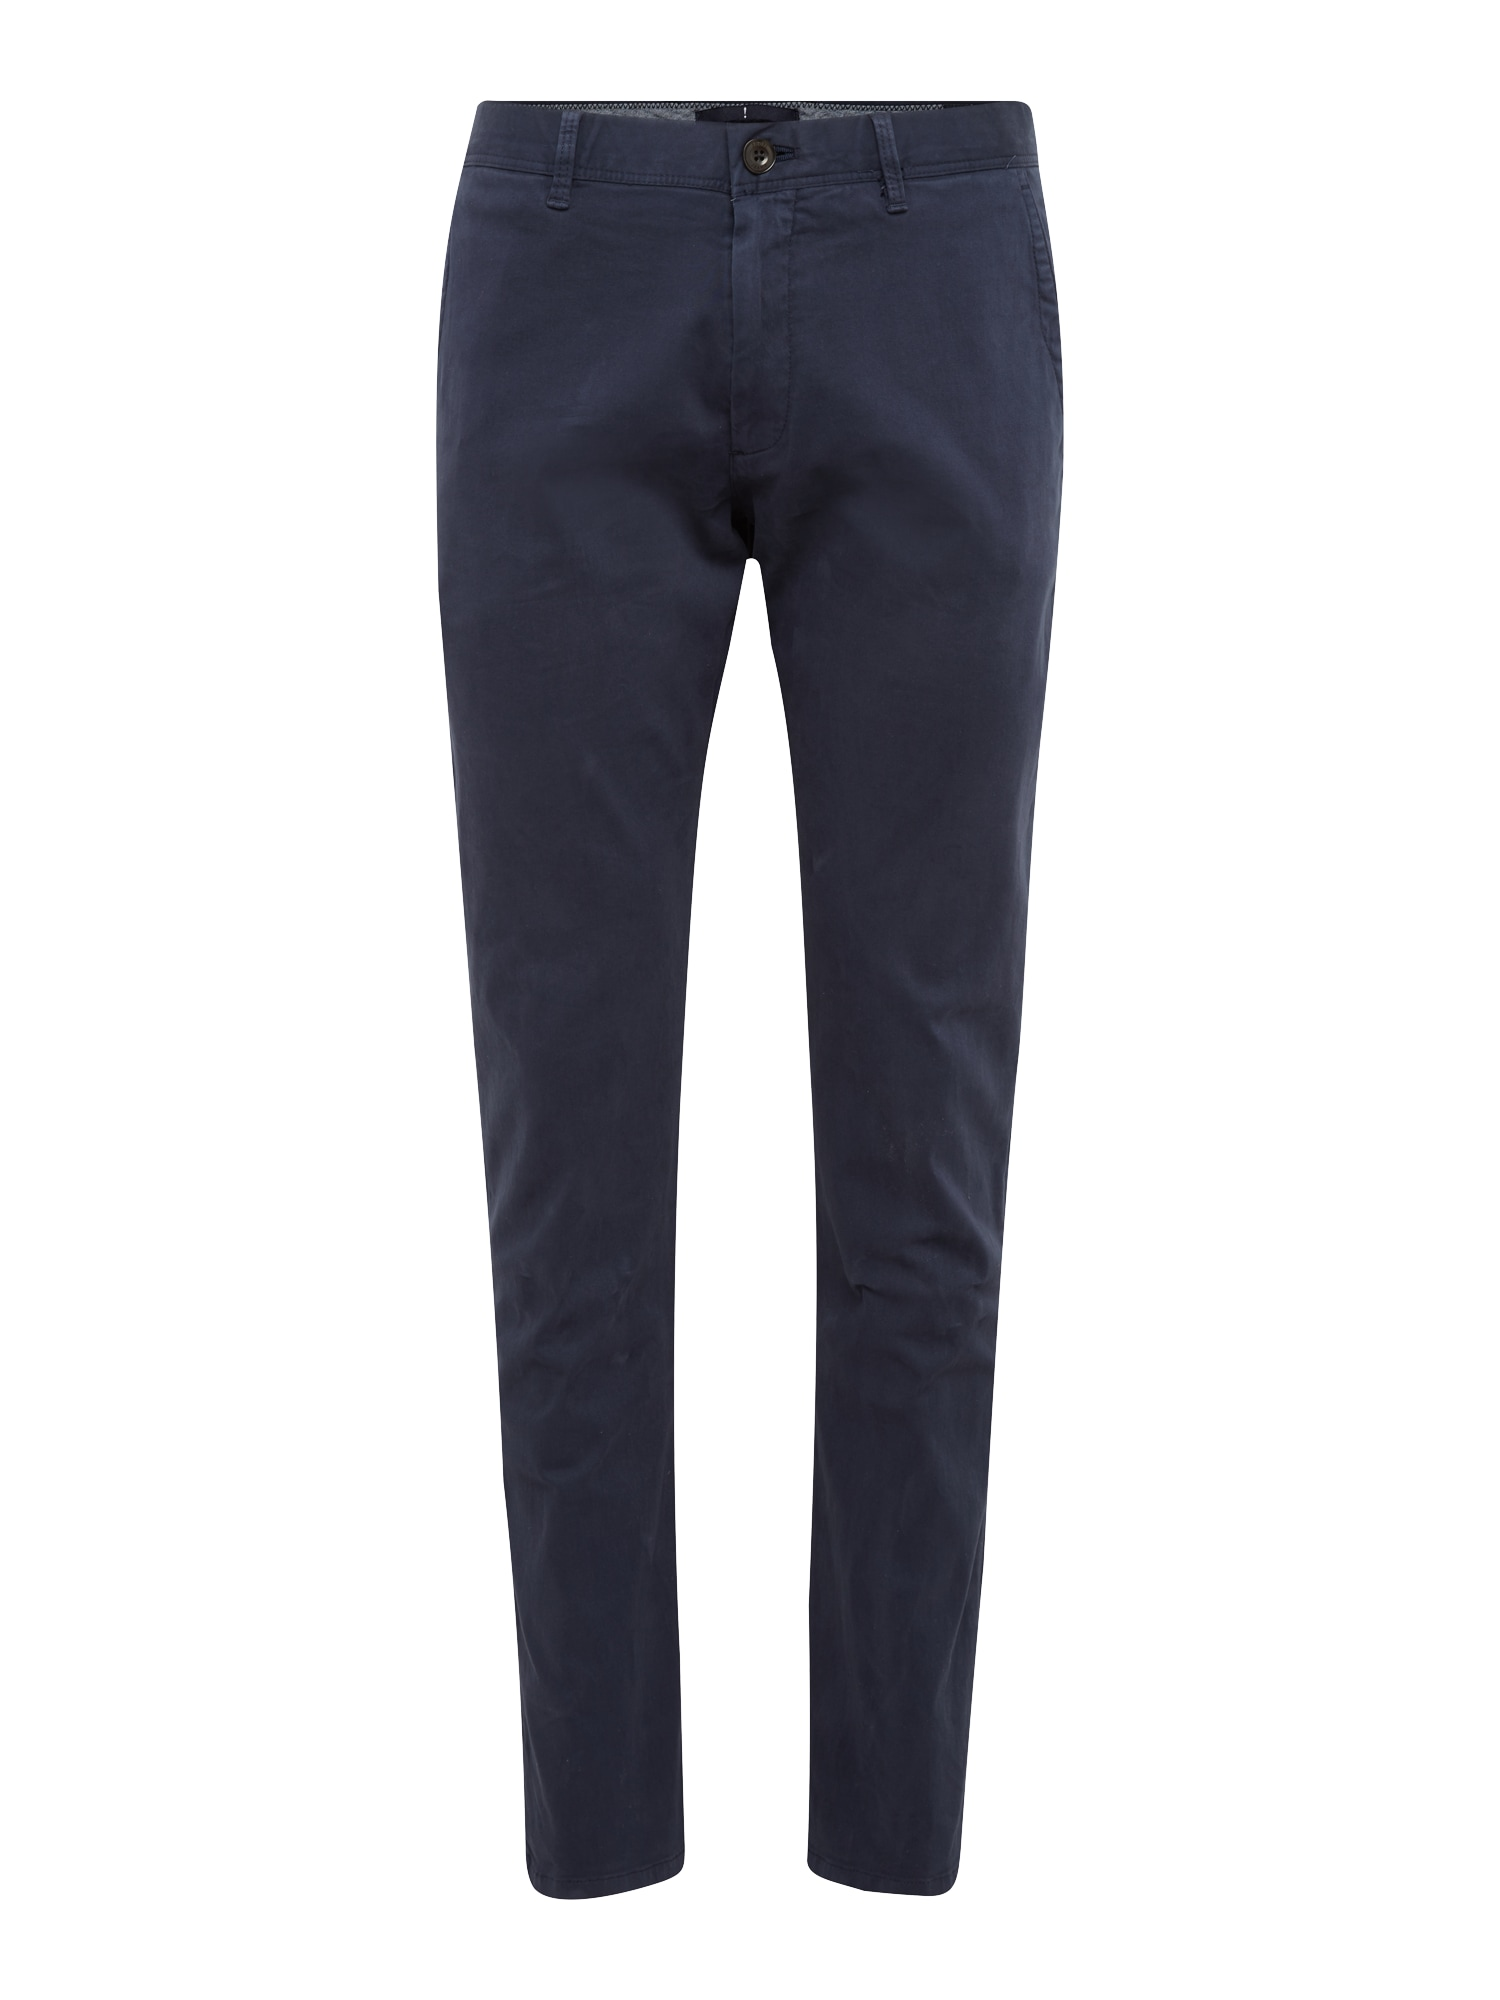 Chino kalhoty 15 JJF-20Matthew-D 10000625 noční modrá JOOP!